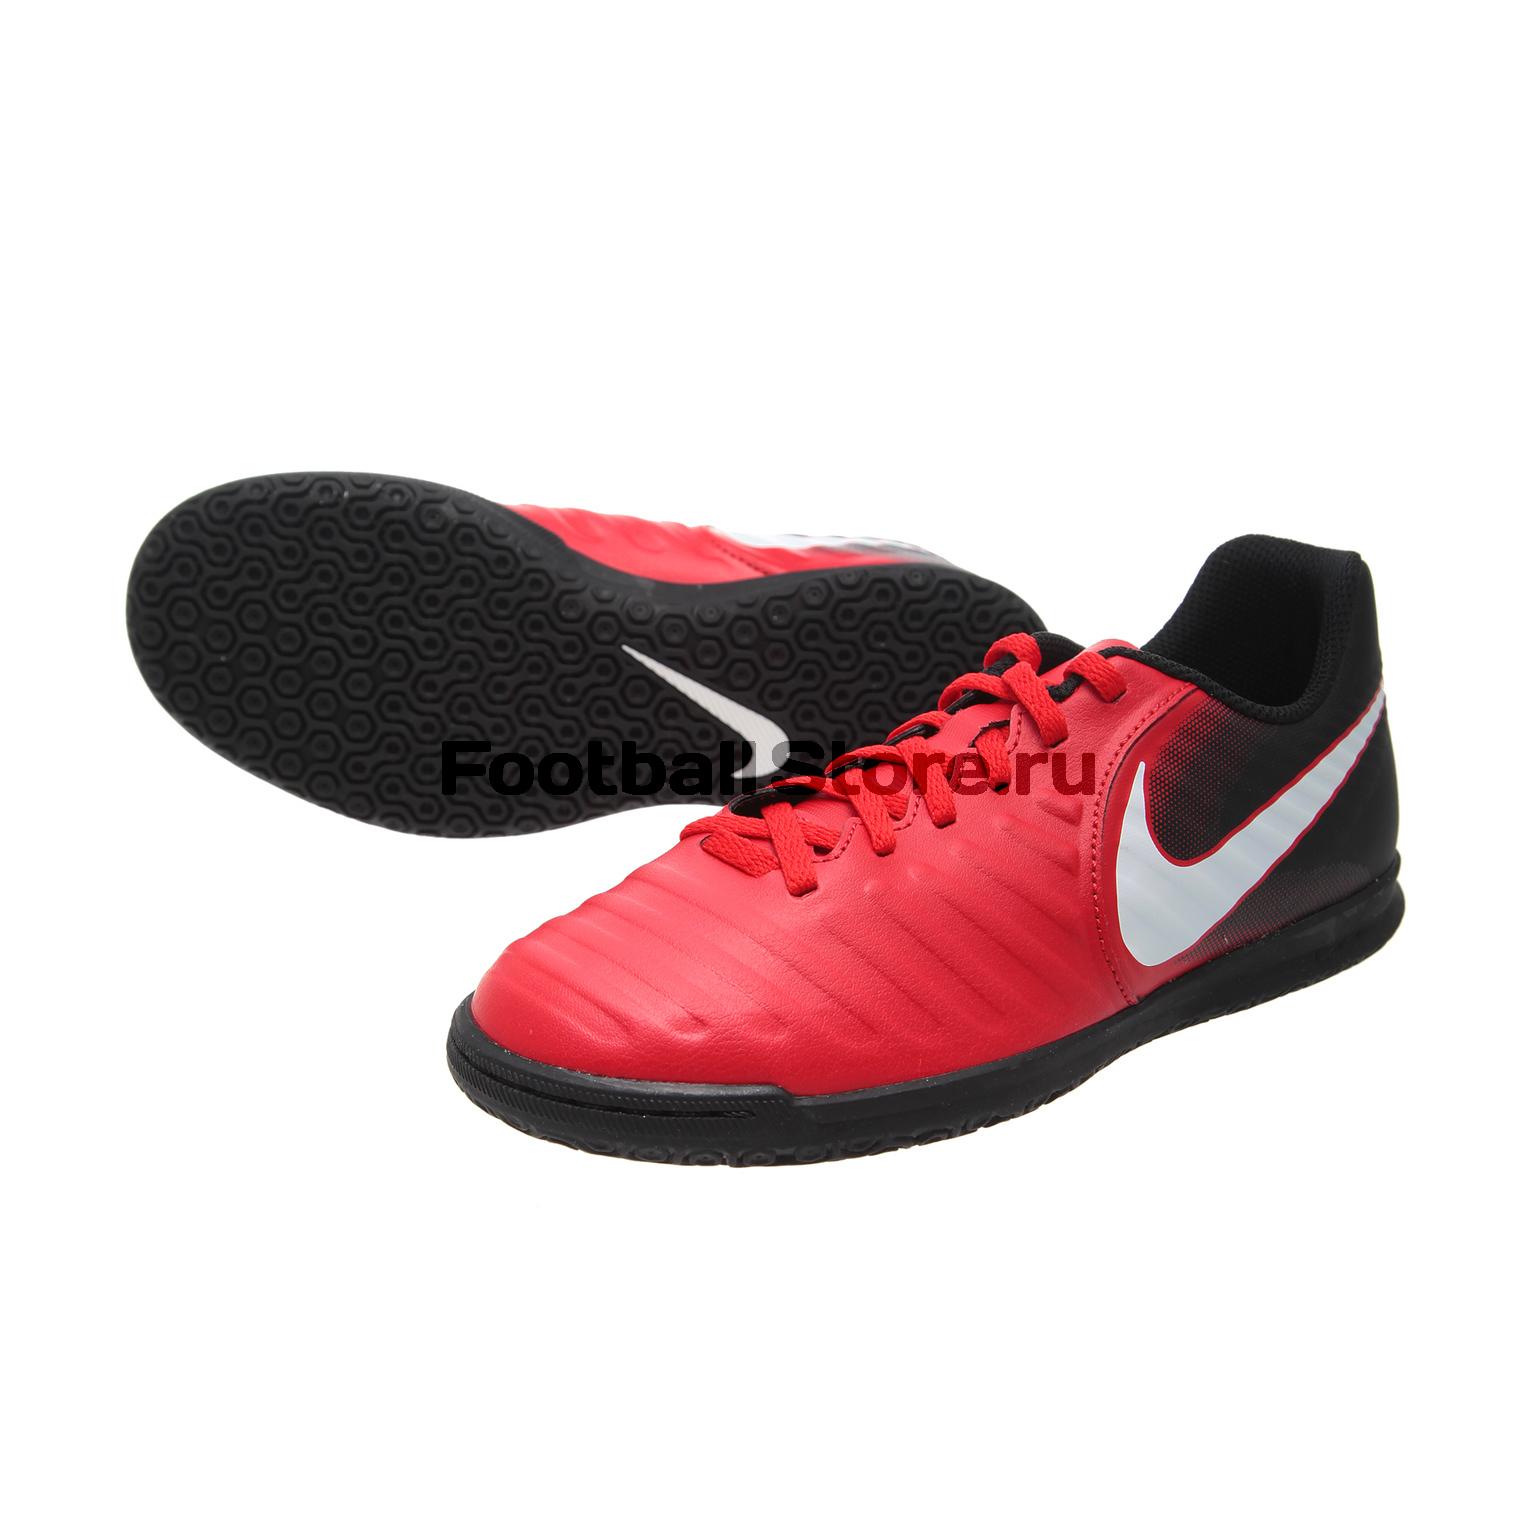 Обувь для зала Nike JR Tiempo X Rio IV IC 897735-616